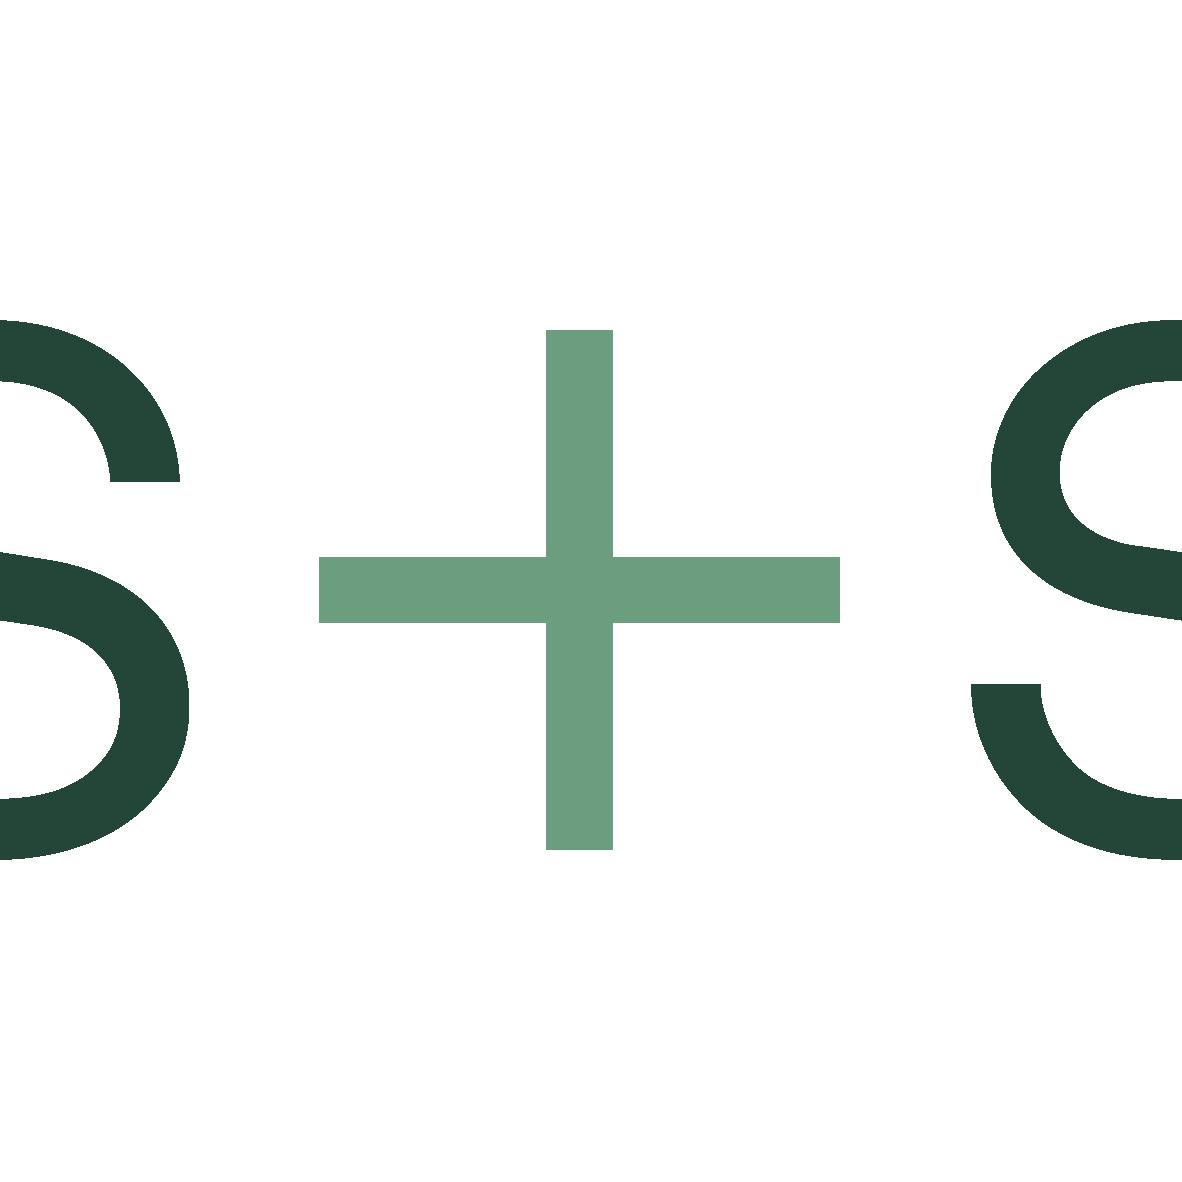 fg_sanssamling_logo_rgb_positiv_2_v